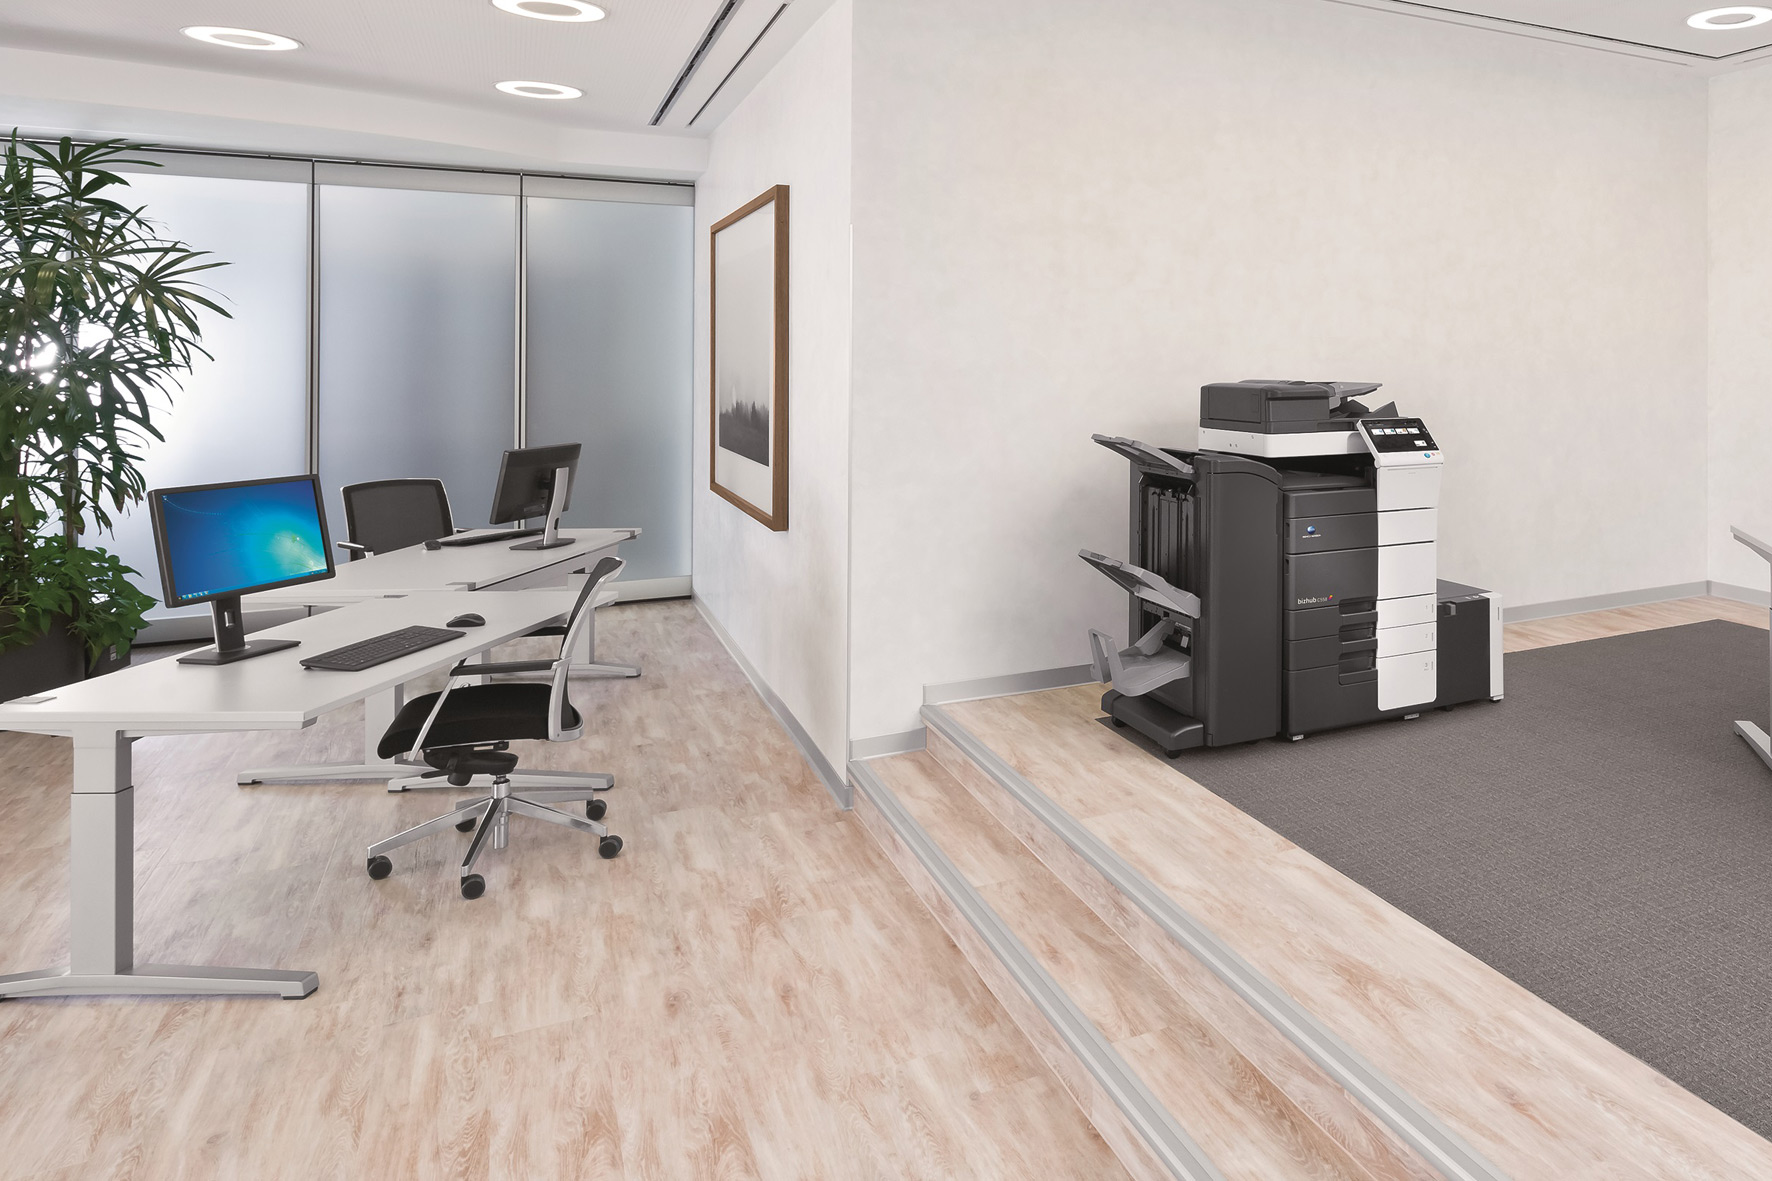 Sistema azienda macchine per ufficio stampanti e for Mobile per stampante ufficio